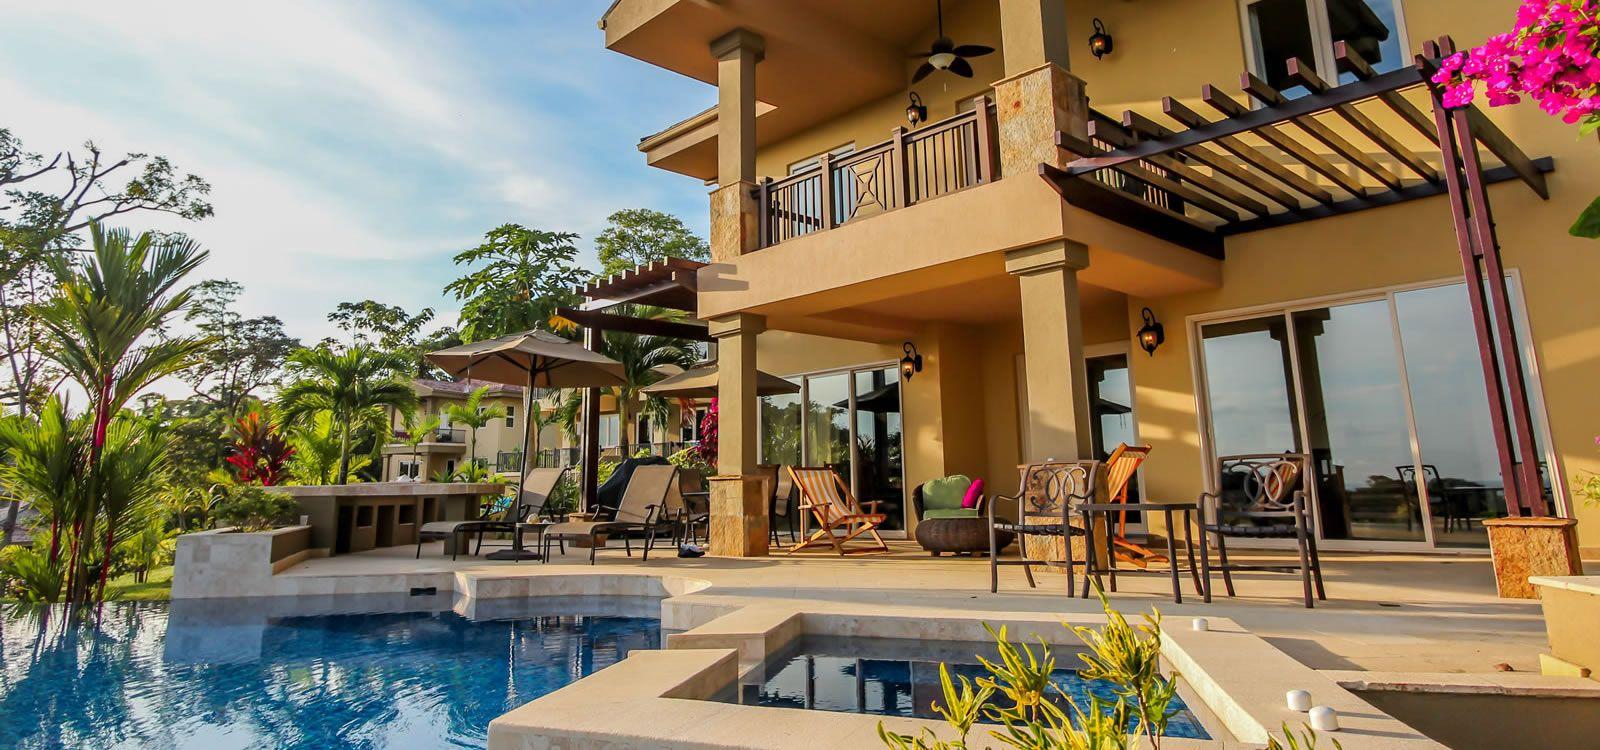 25 bedroom homes for sale isla bastimentos bocas del